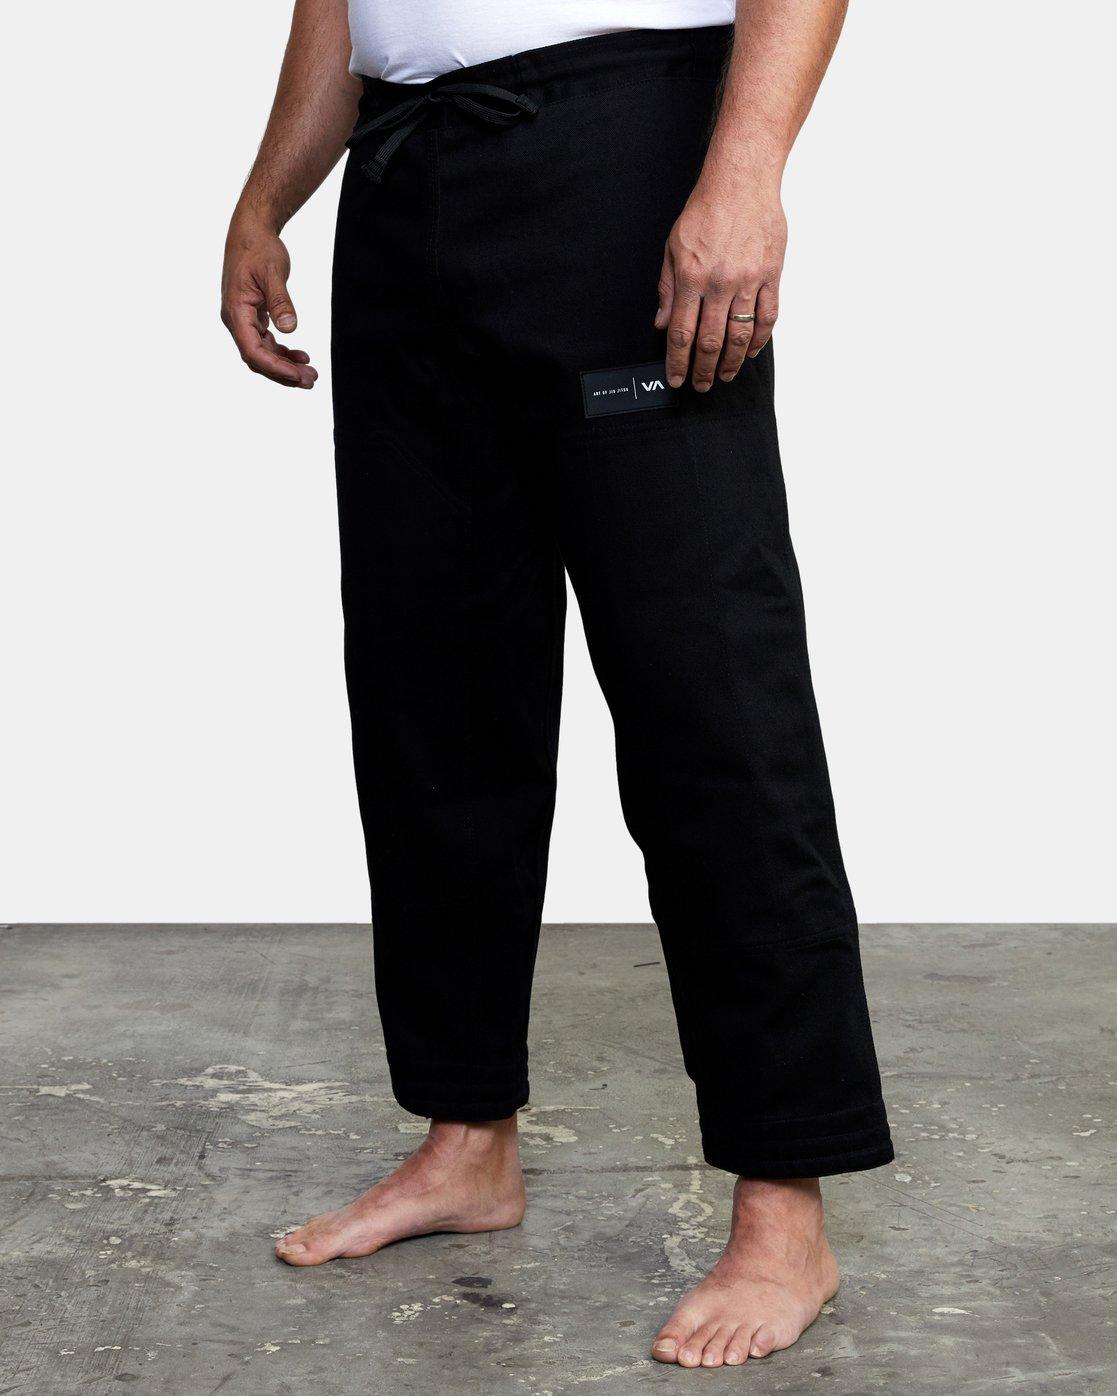 20 Art of Jiu Jitsu Gi  VZMCWRGI RVCA